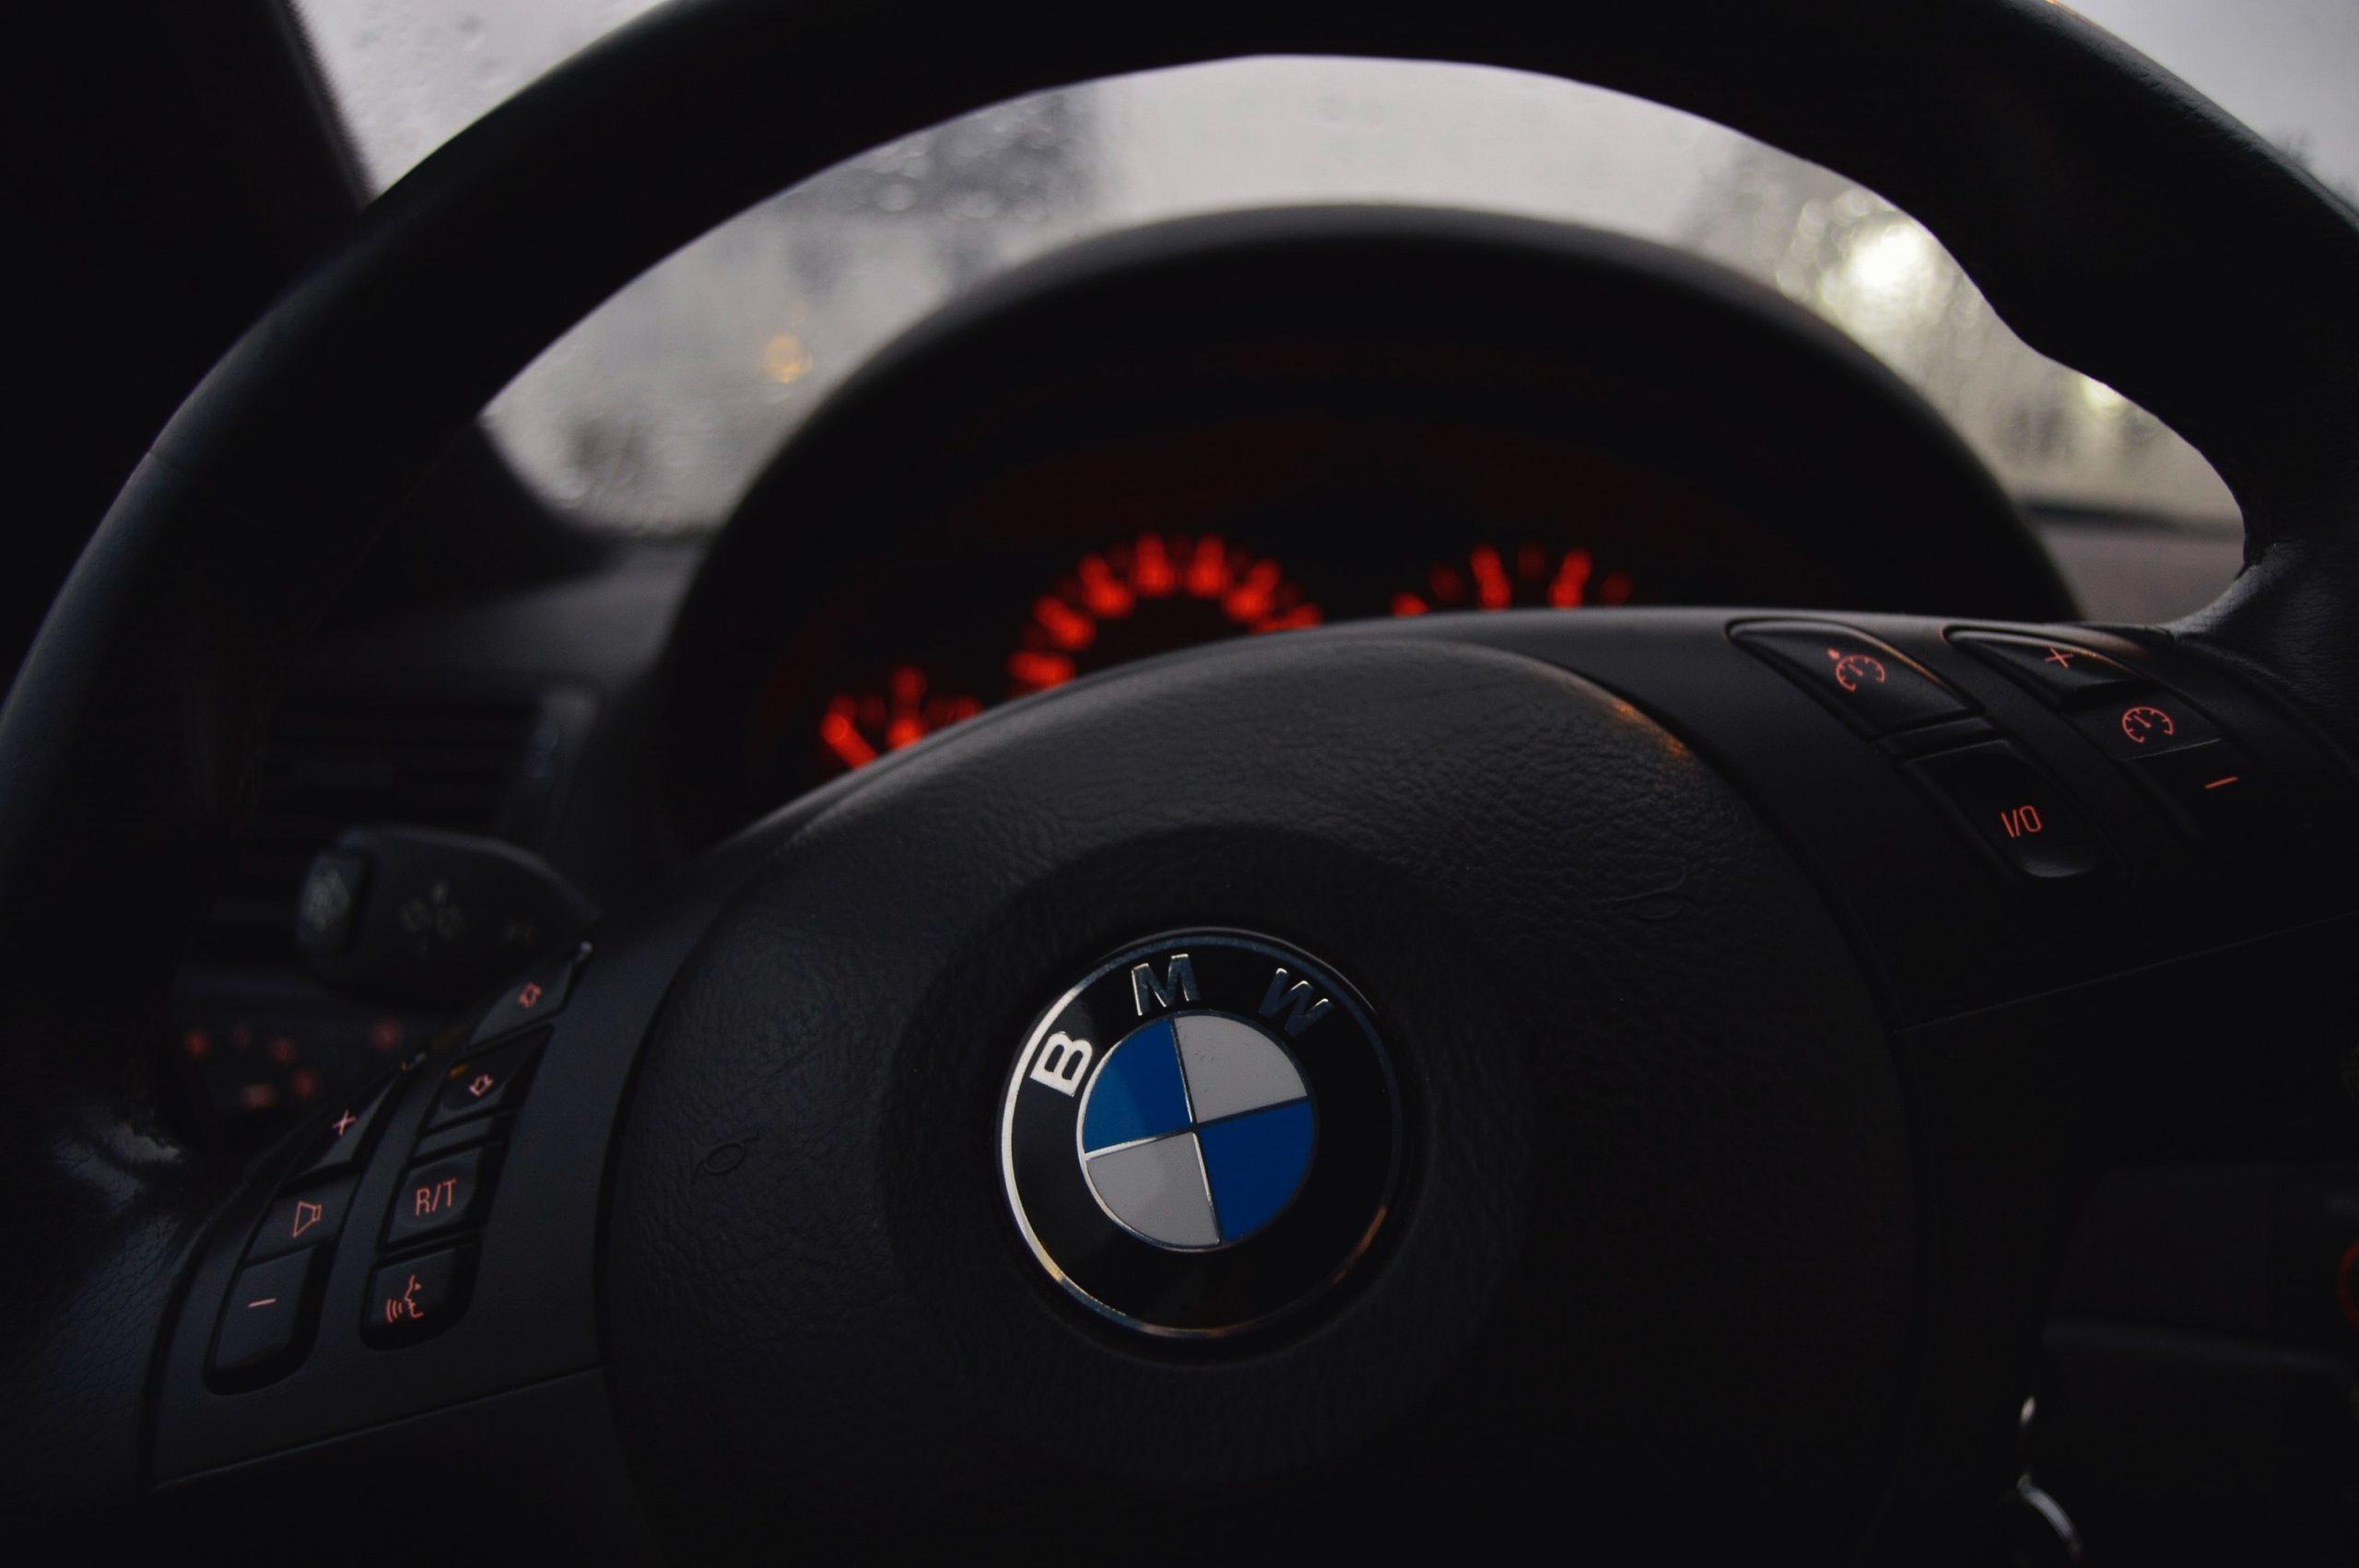 Wzięcie samochodu w leasing na firmę – jak to wygląda w praktyce?